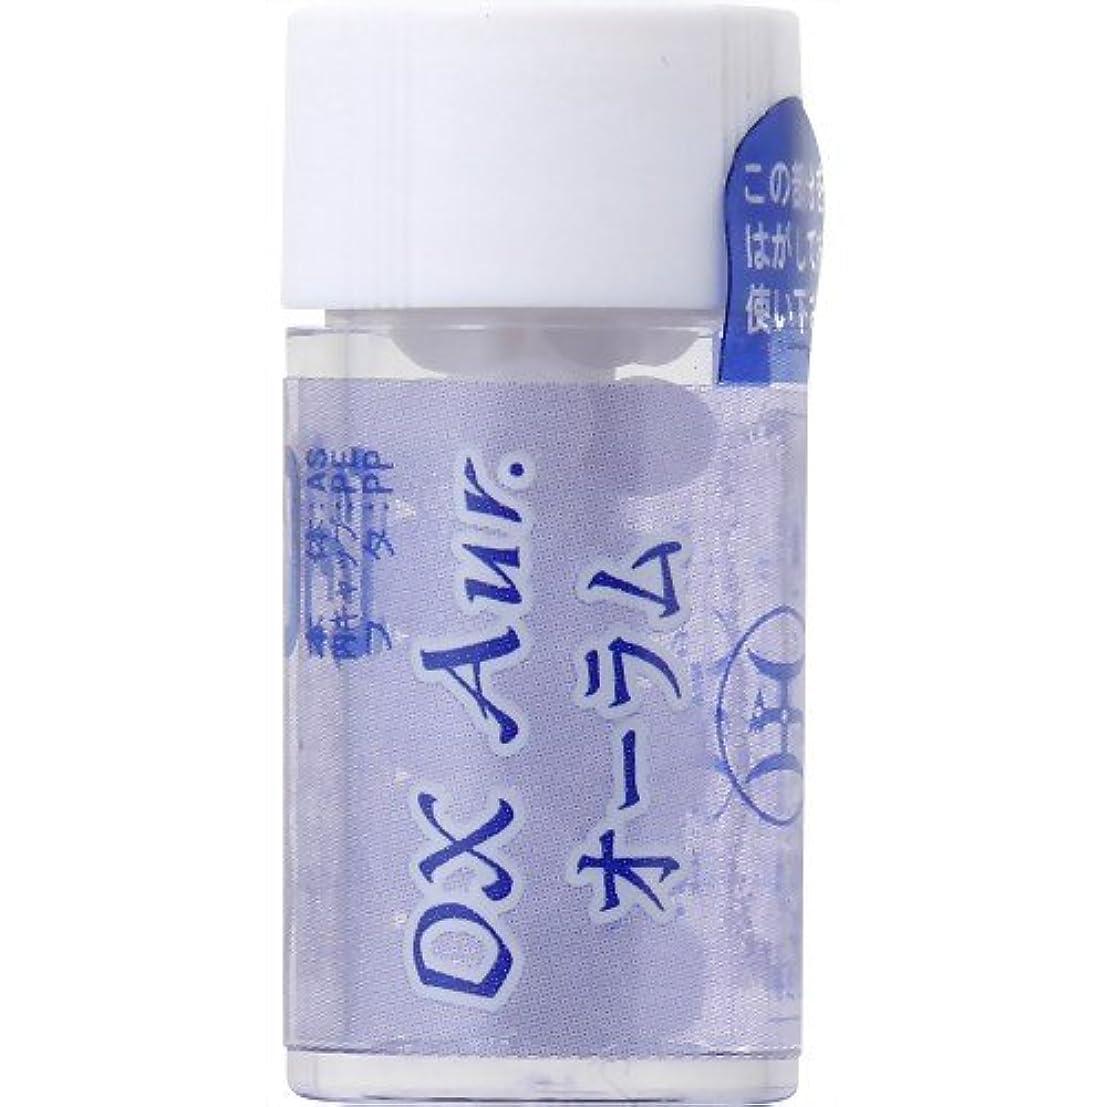 そっとから事ホメオパシージャパンレメディー DX Aur.  ディーエックス オーラム (小ビン)